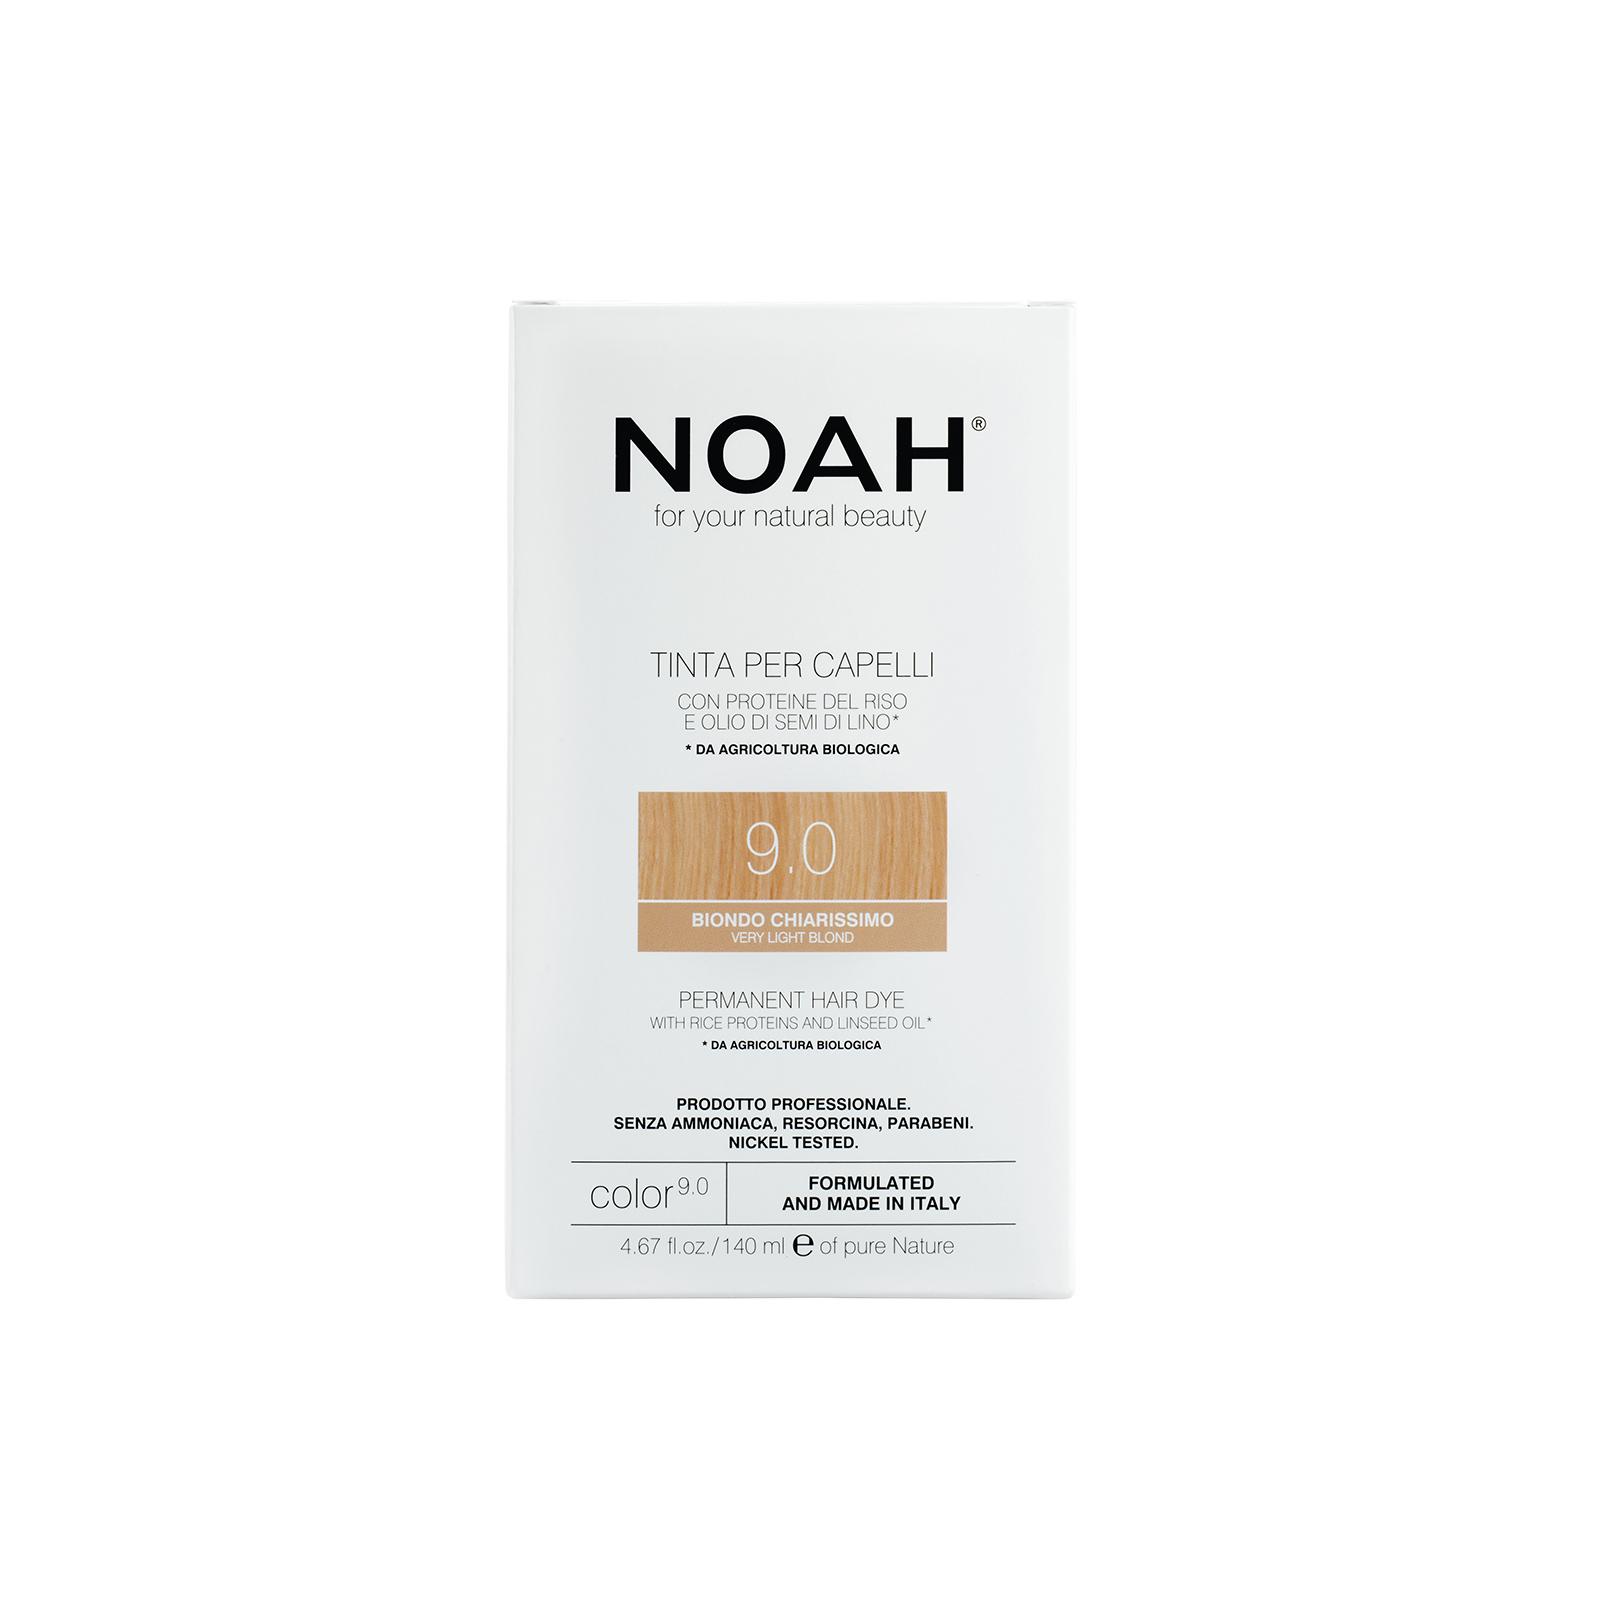 Plaukų dažai NOAH (9.0 labai šviesi blondinė), 140ml